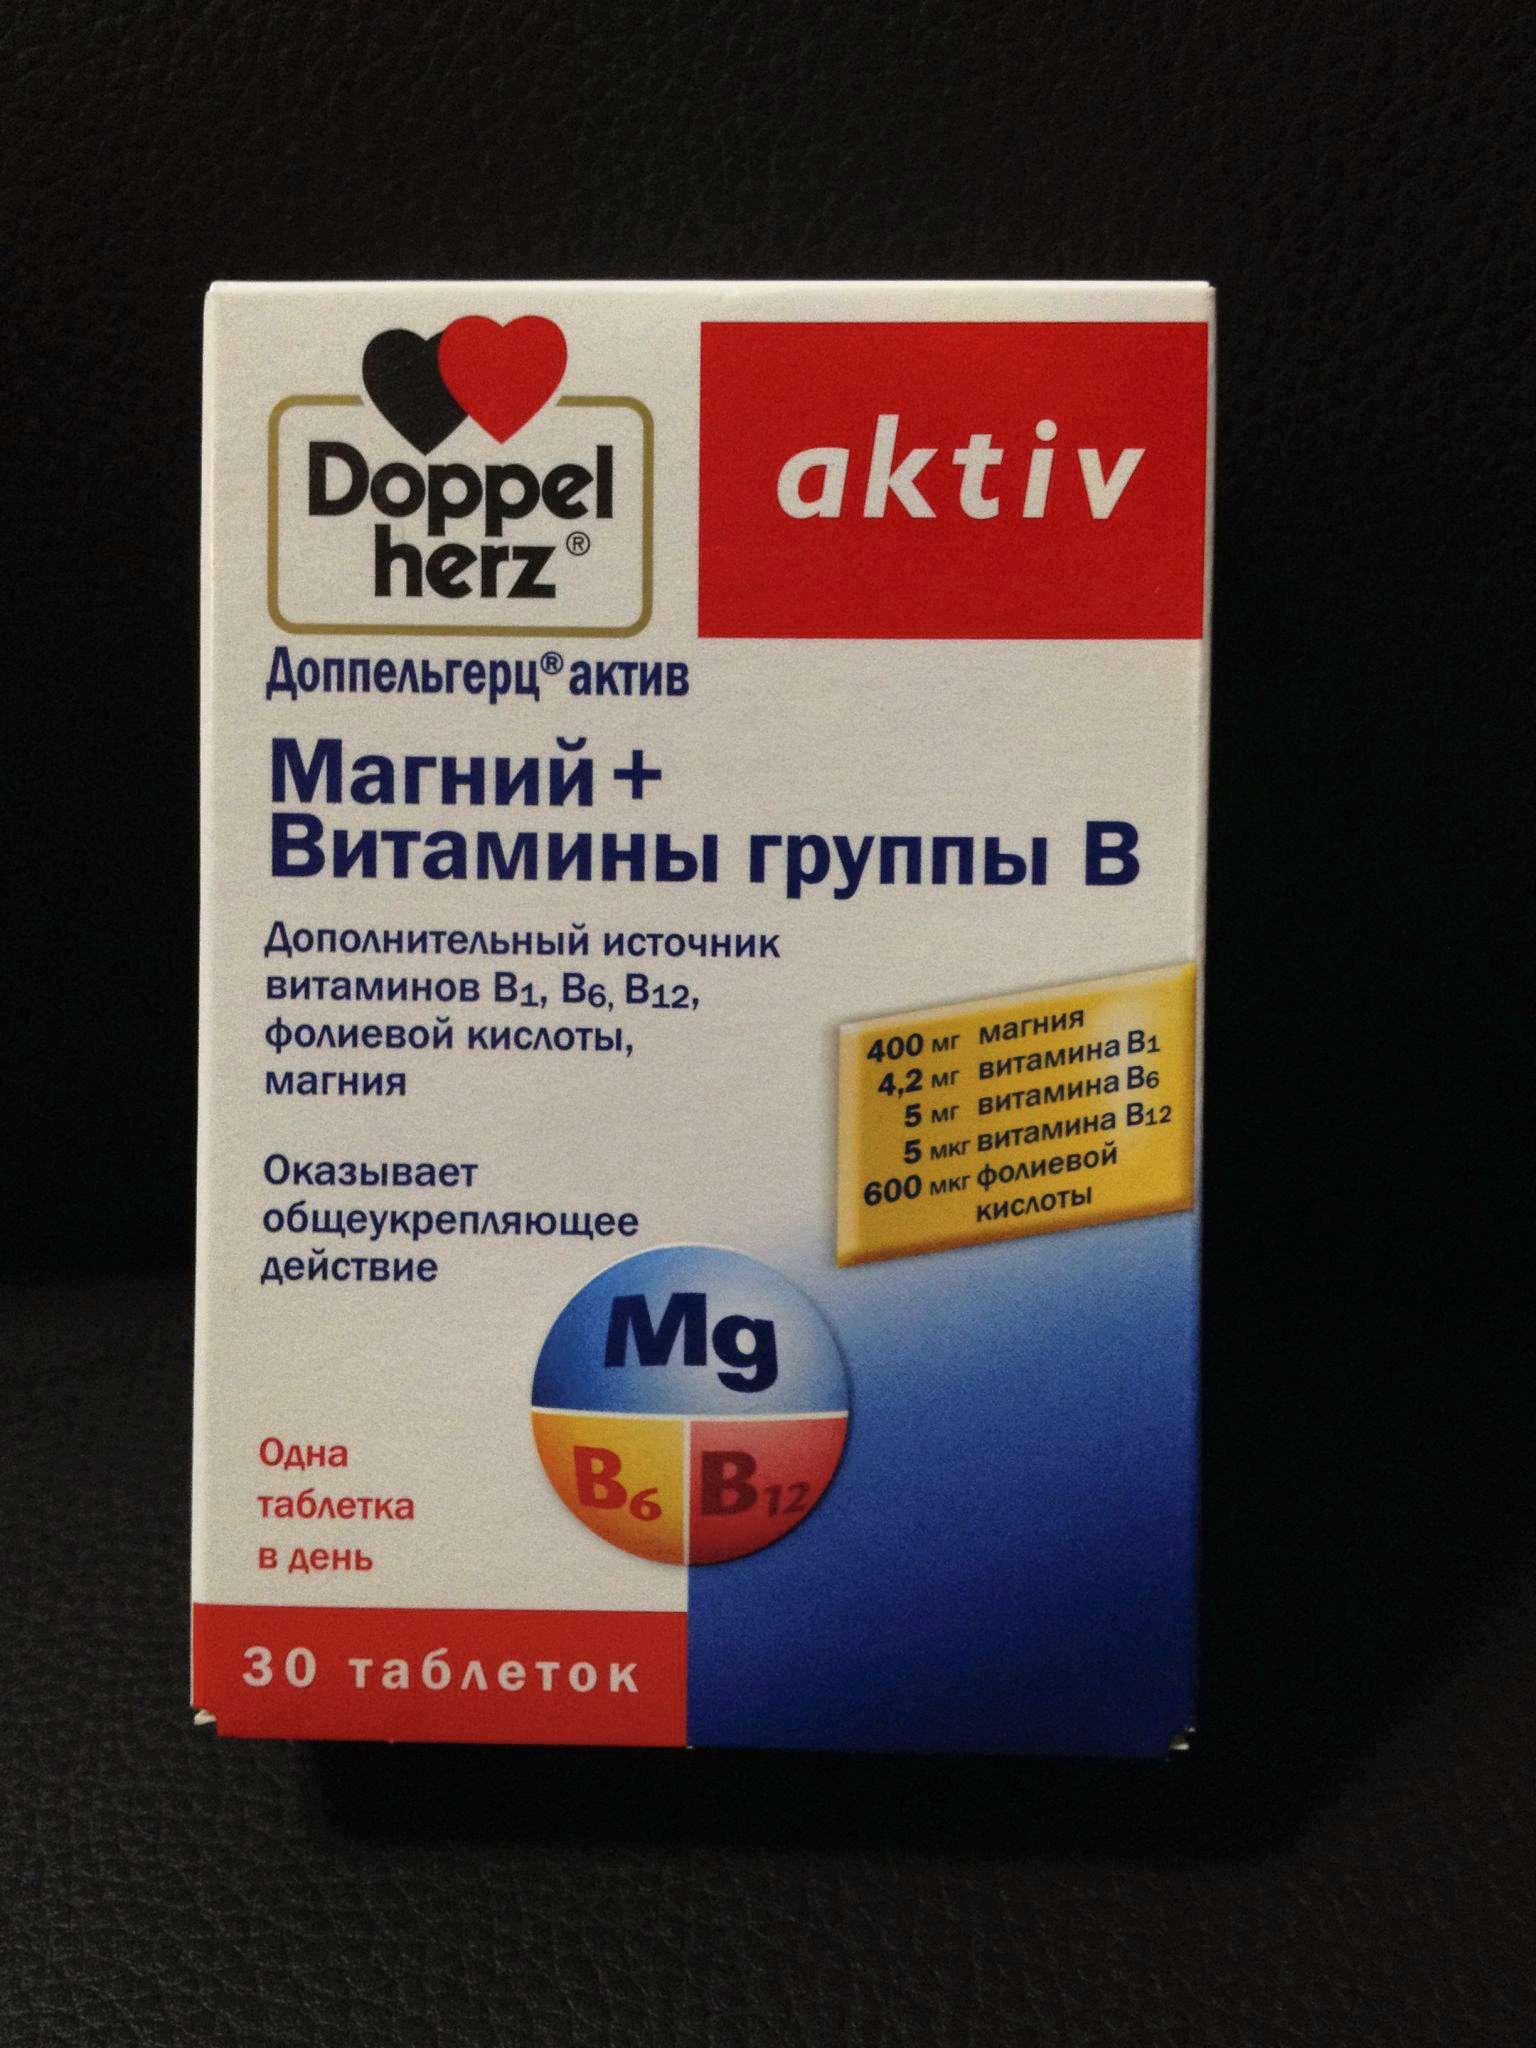 витамины допель герц магний витамины группы в инструкция